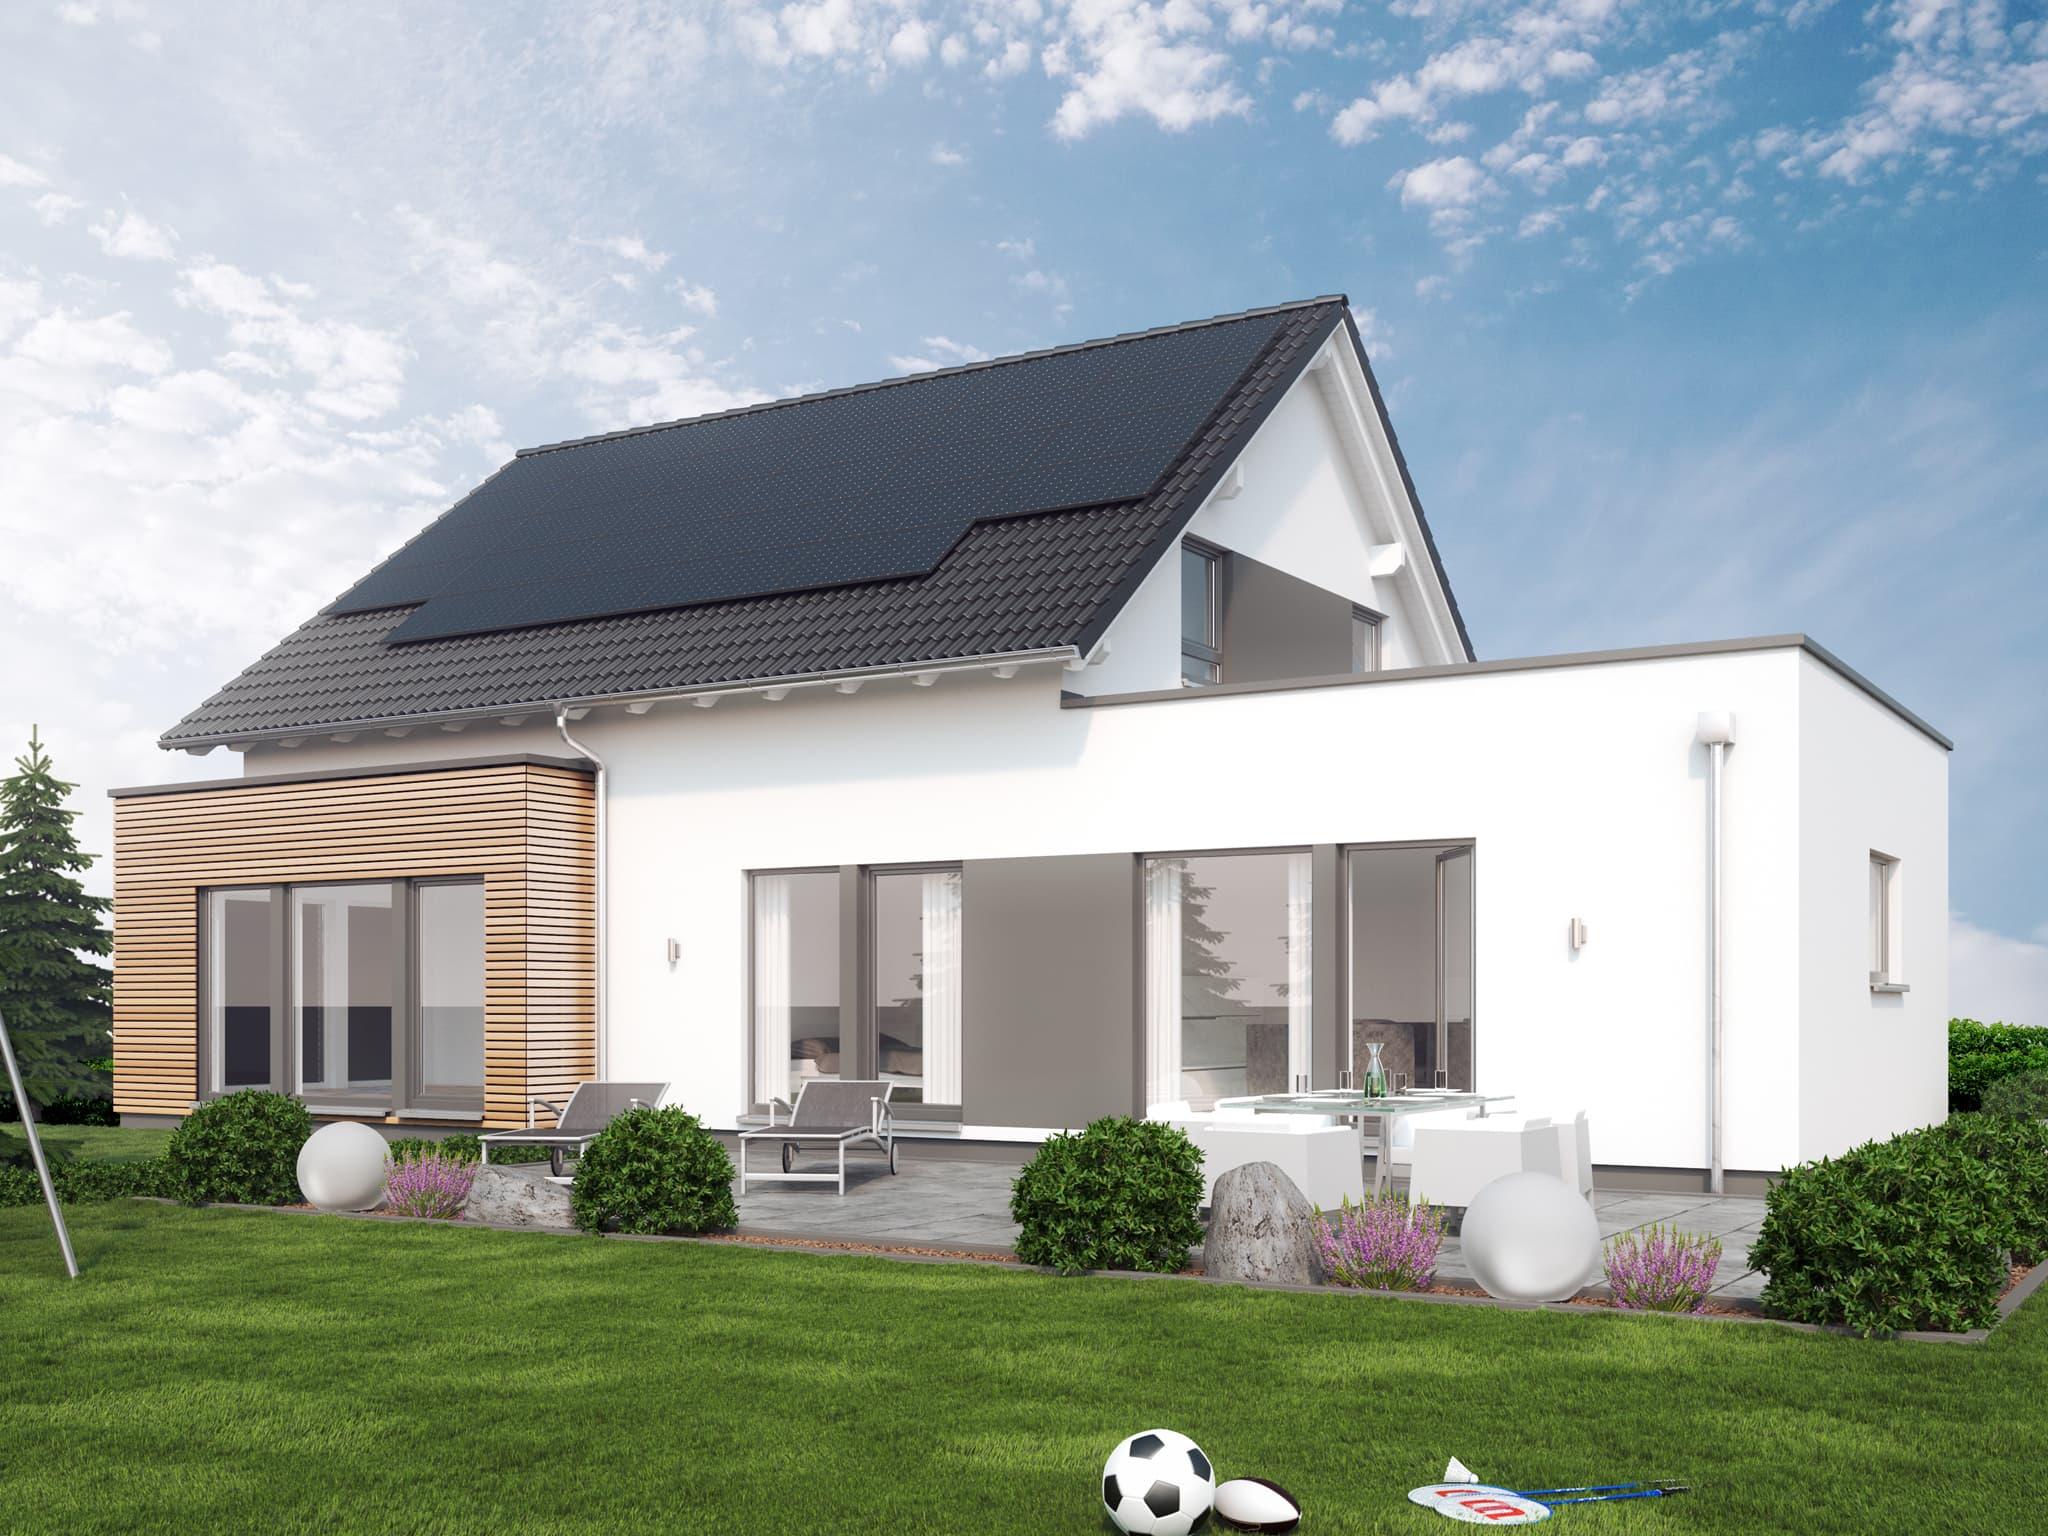 Einfamilienhaus mit Einliegerwohnung im Flachdach Anbau & Satteldach Architektur, 6 Zimmer, 180 qm - Fertighaus bauen Ideen Living Haus SOLUTION 183 V3 - HausbauDirekt.de